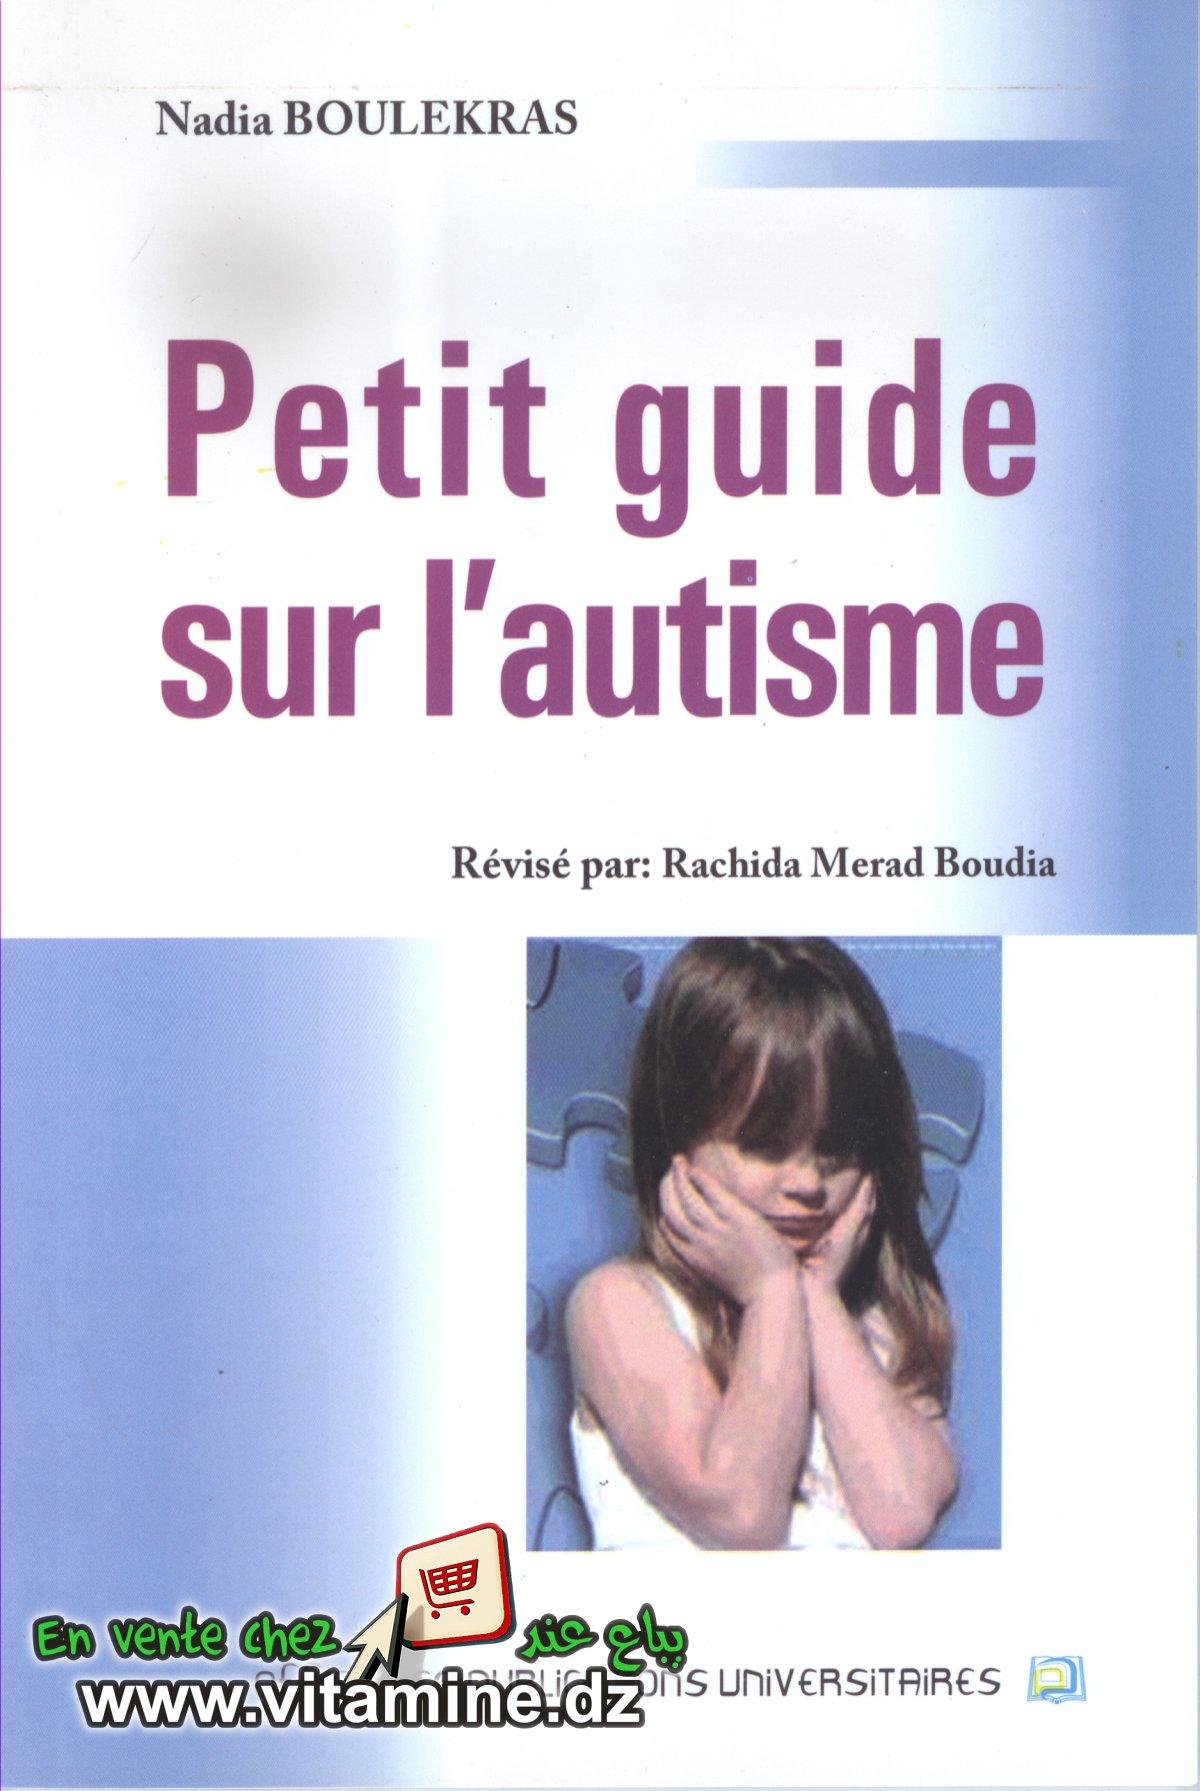 Nadia Boulekras - Petit Guide sur l'Autisme